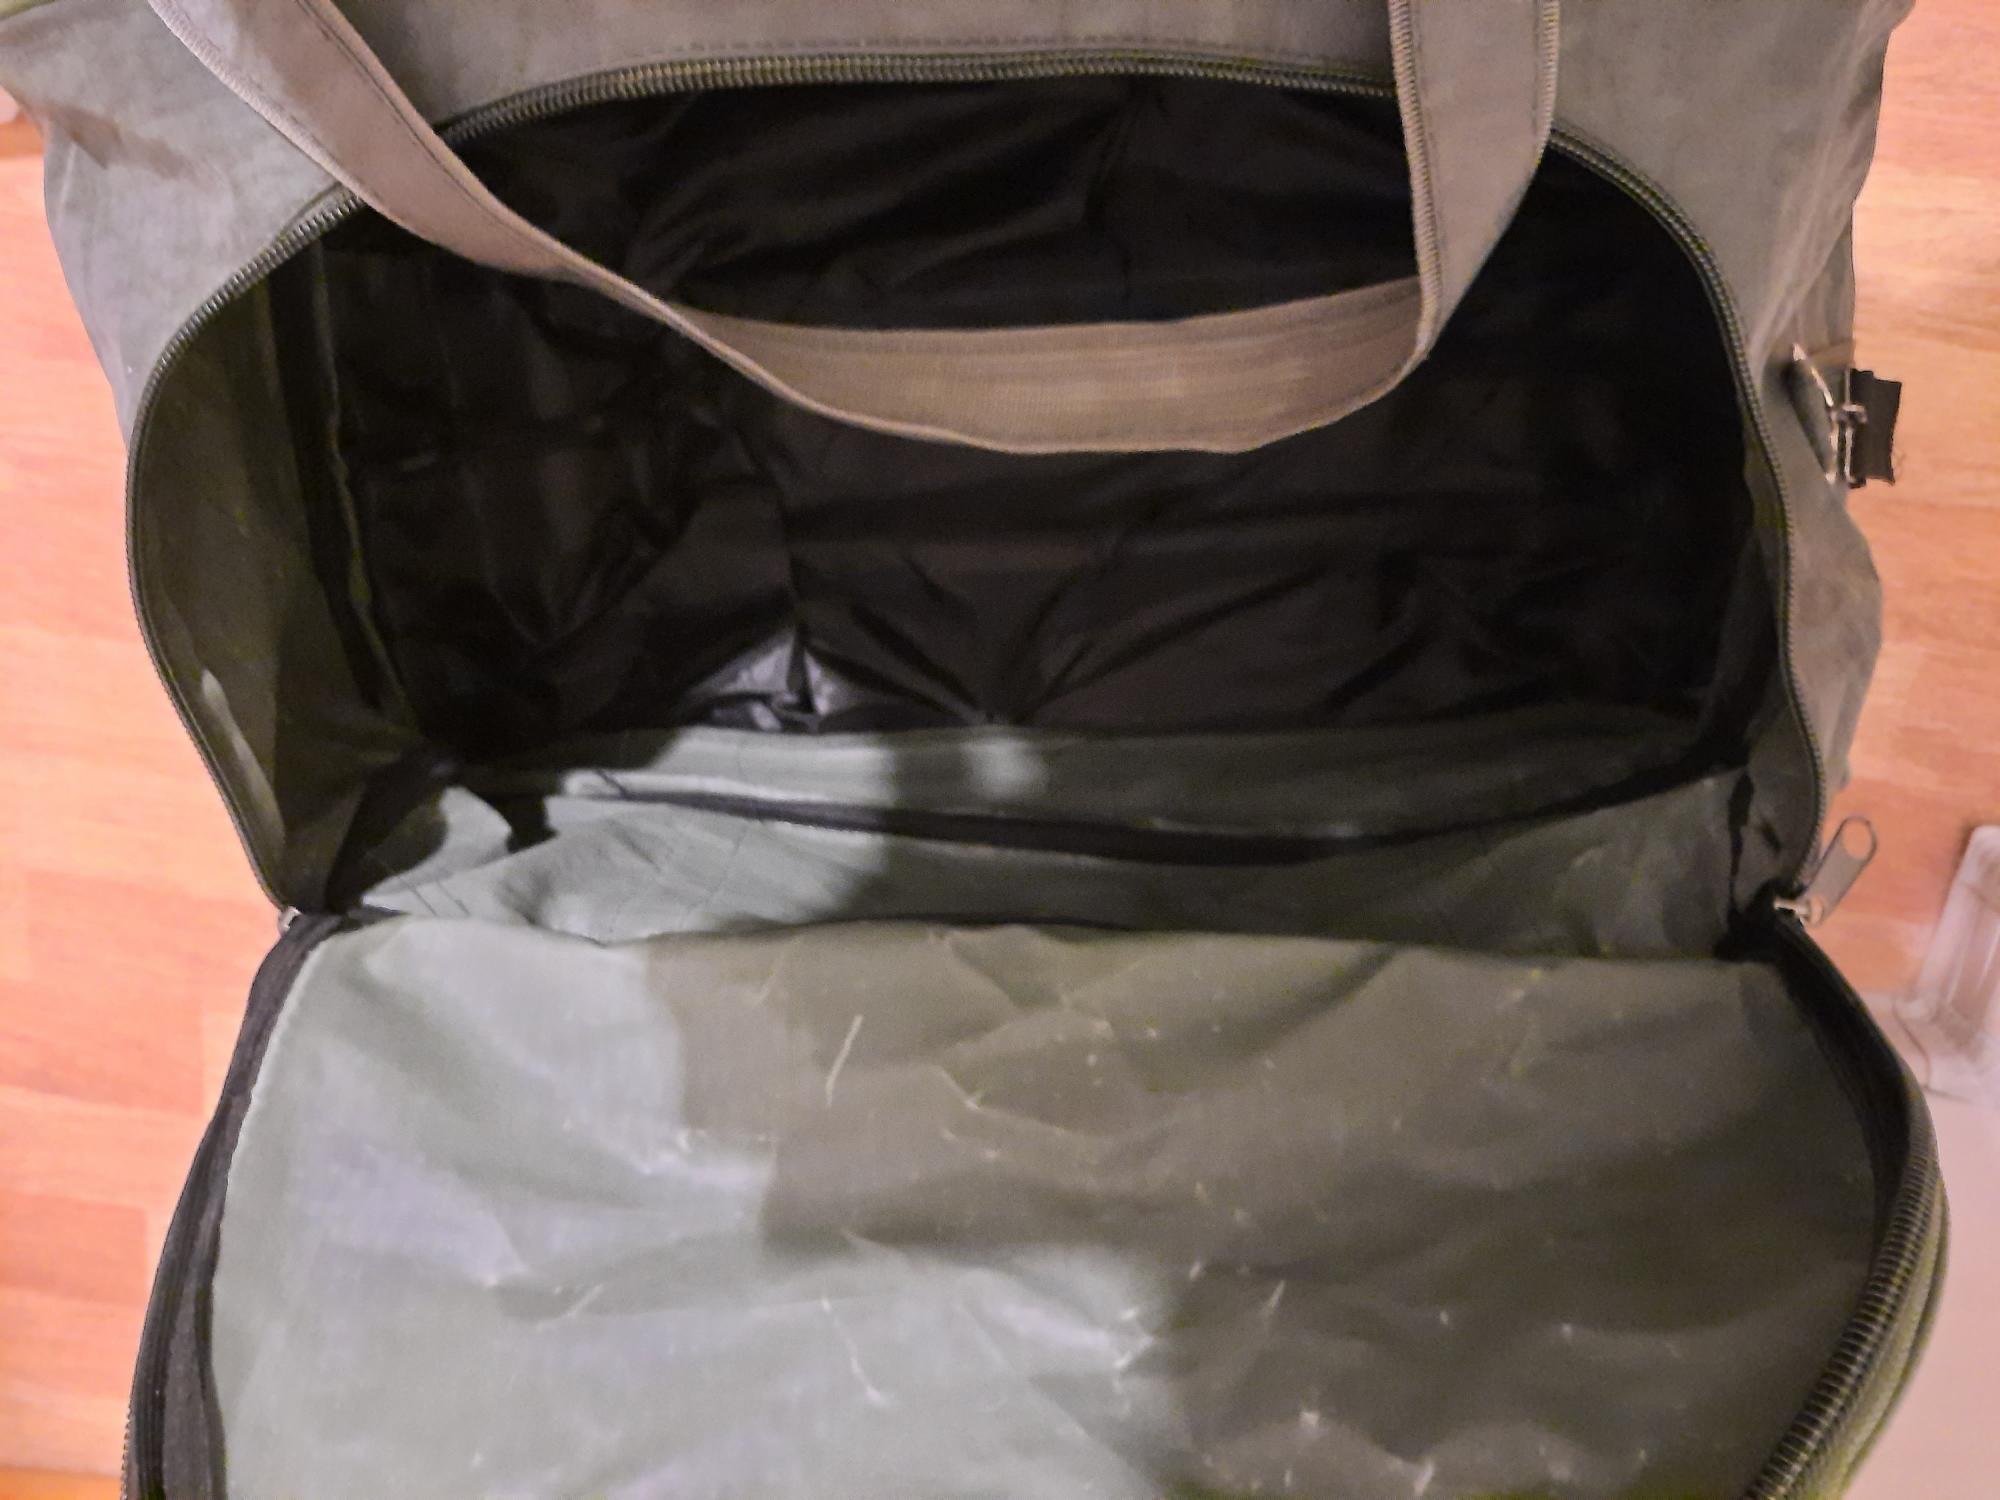 НОВАЯ дорожная сумка на колесах в Москве 89160314195 купить 9